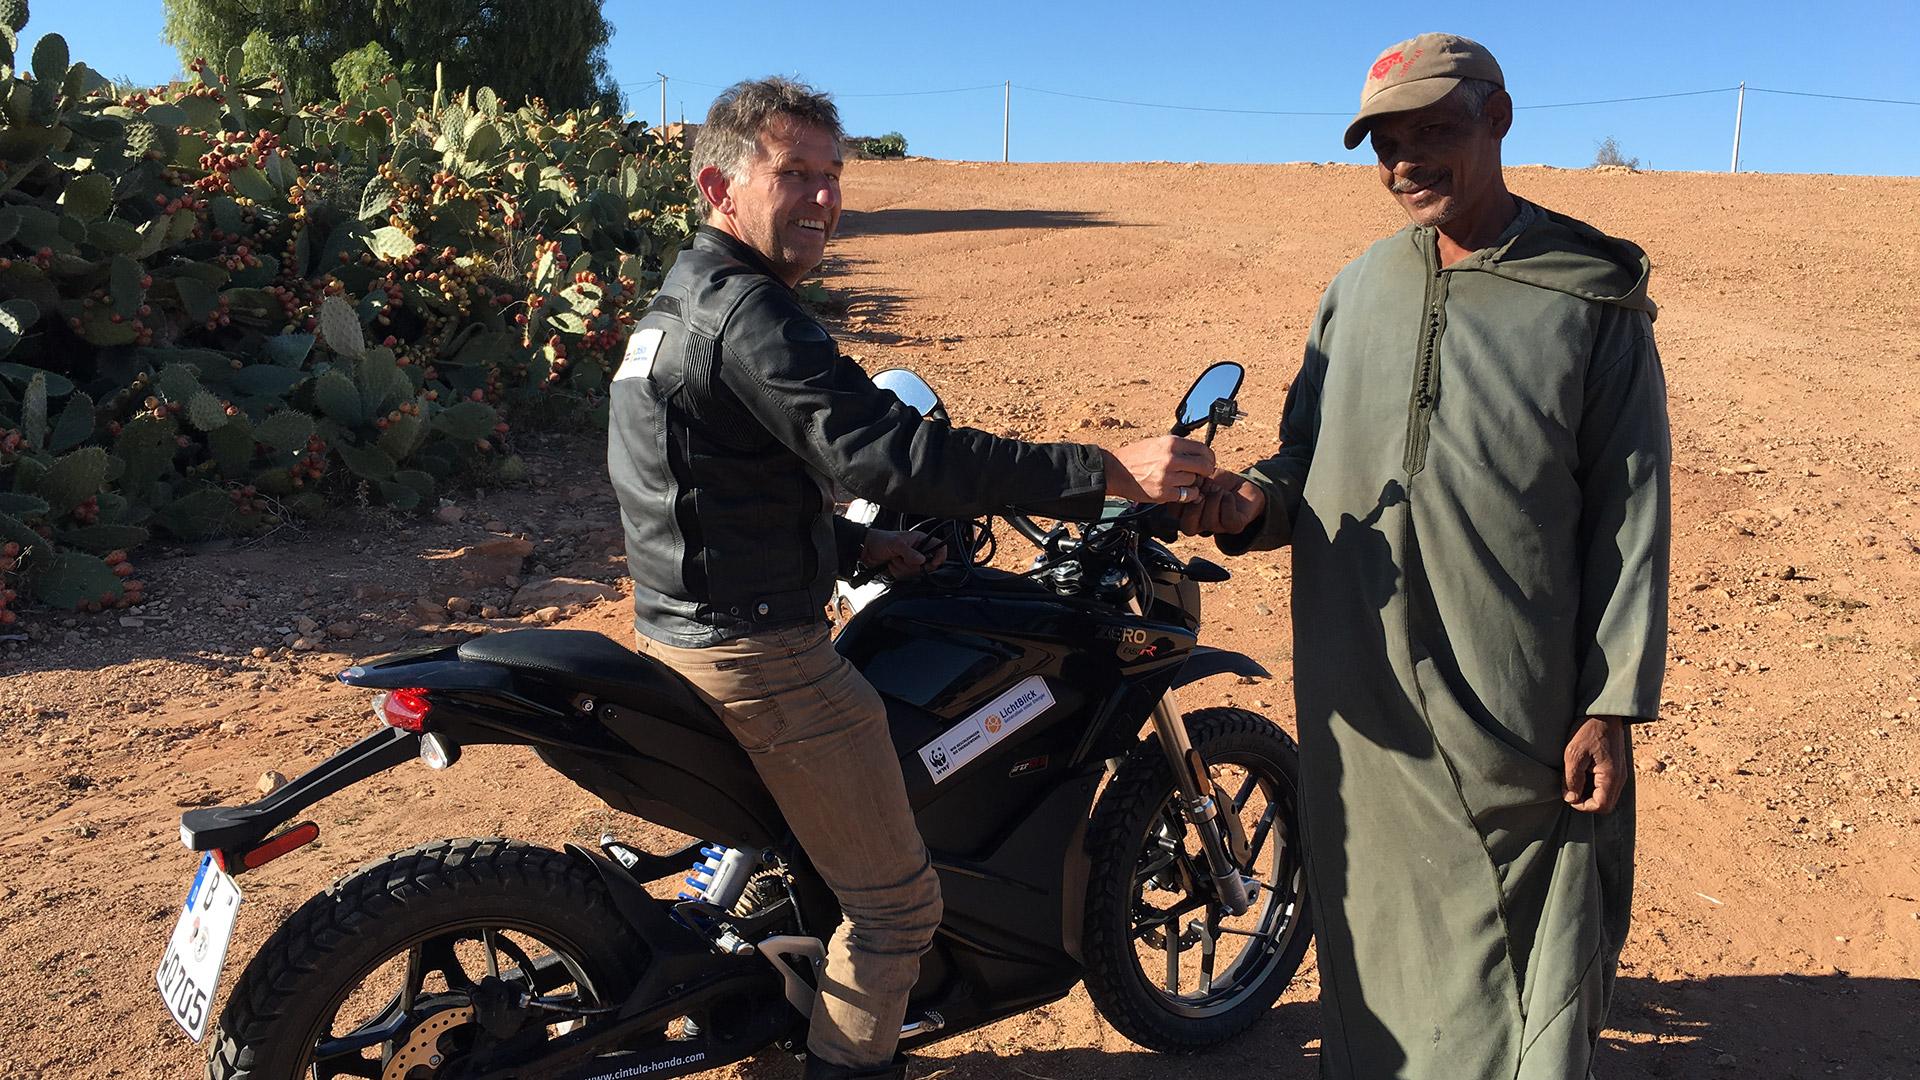 Zeigen, was mit Elektromobilität geht: Jörn Ehlers mit E-Motorrad in der Wüste